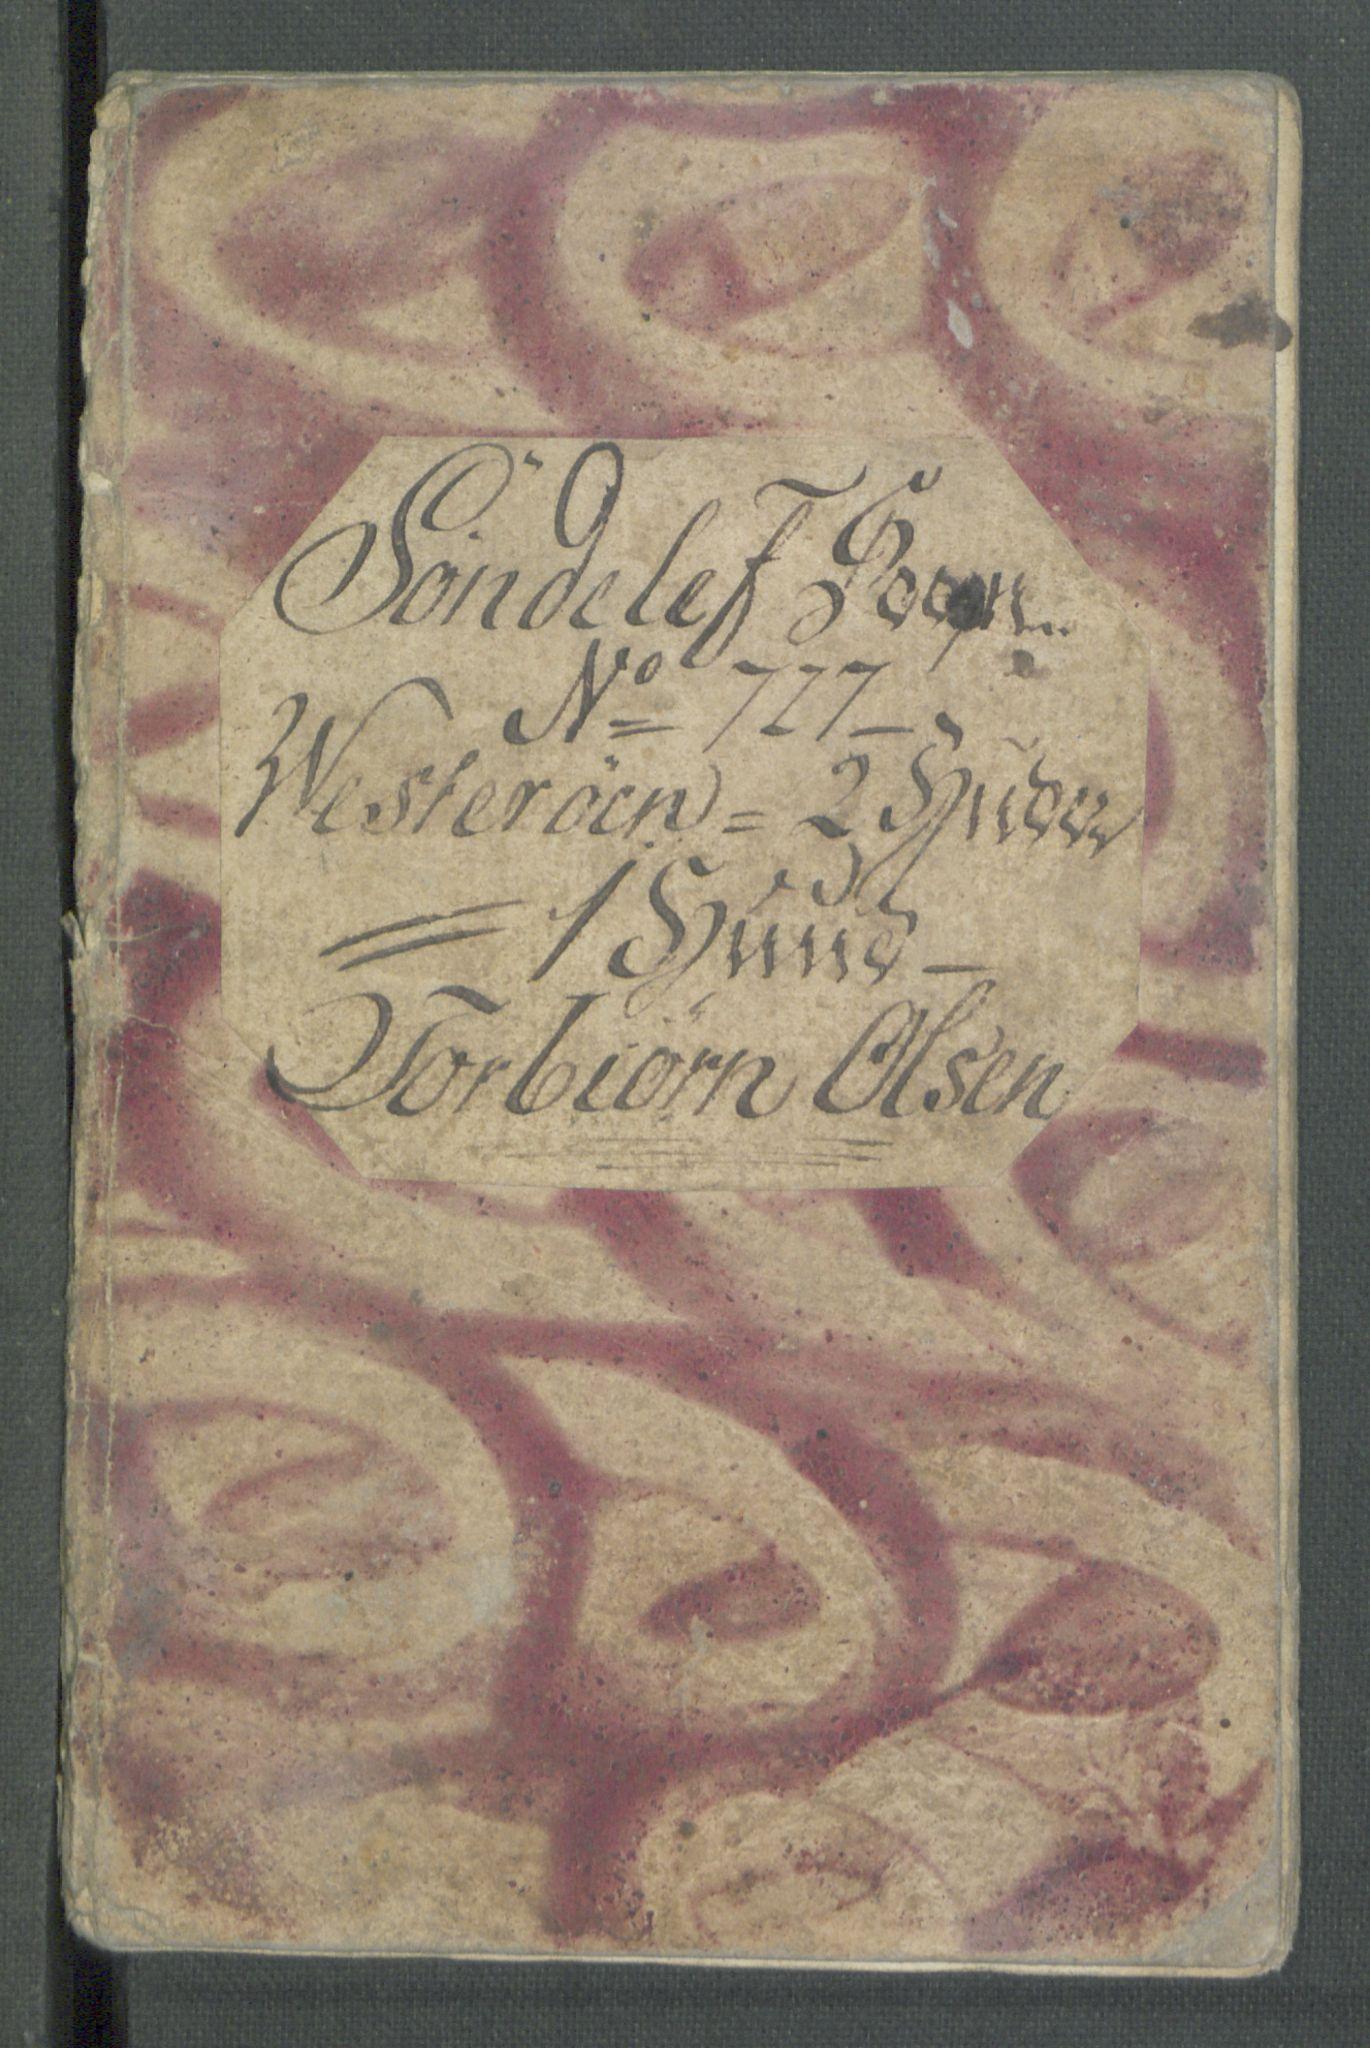 RA, Rentekammeret inntil 1814, Realistisk ordnet avdeling, Od/L0001: Oppløp, 1786-1769, s. 734